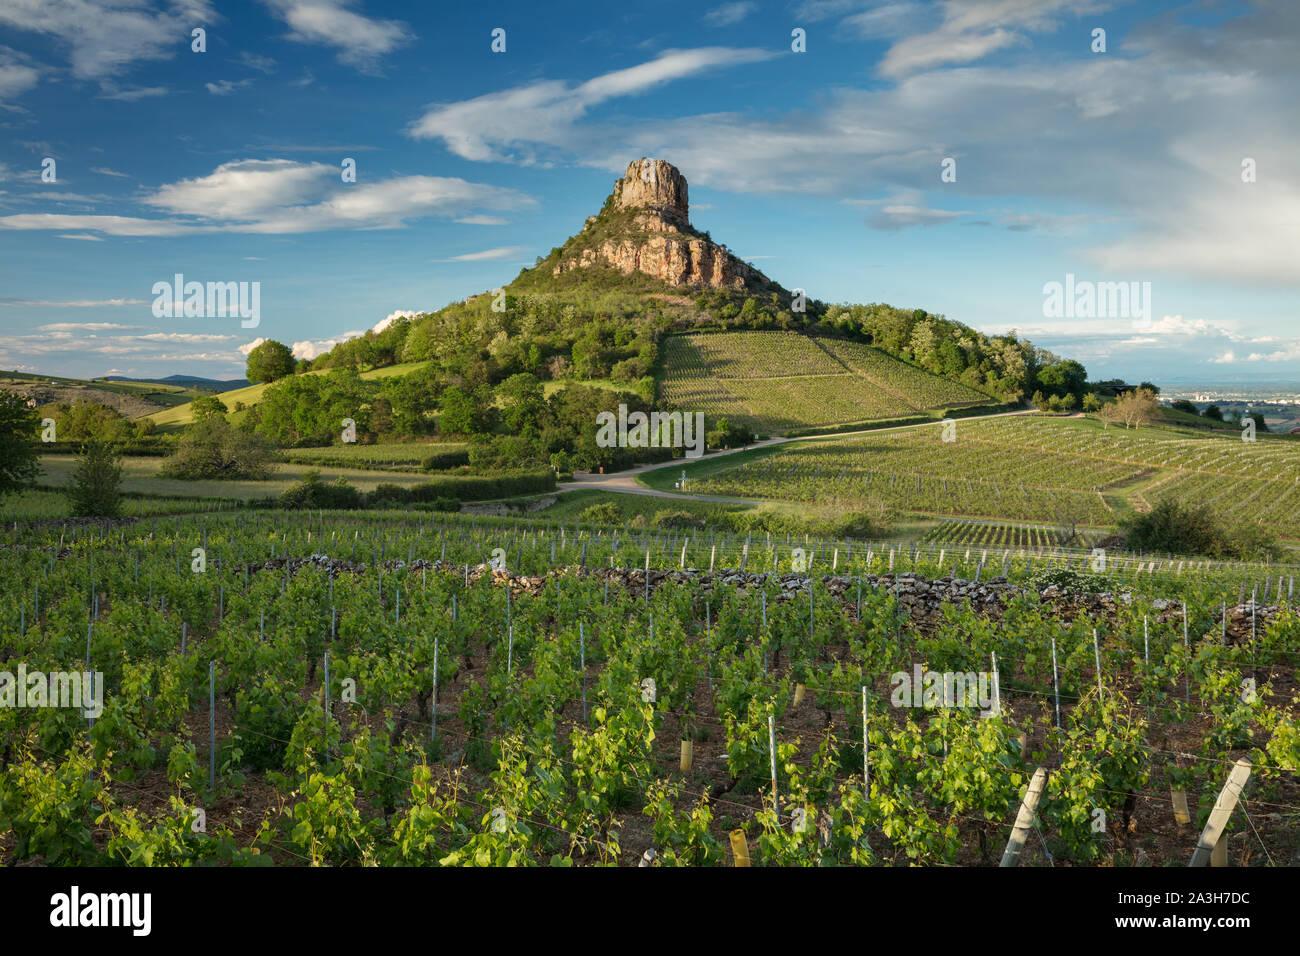 La Roche de Solutré, Solutré-Pouilly, Bourgogne, Francia Foto Stock